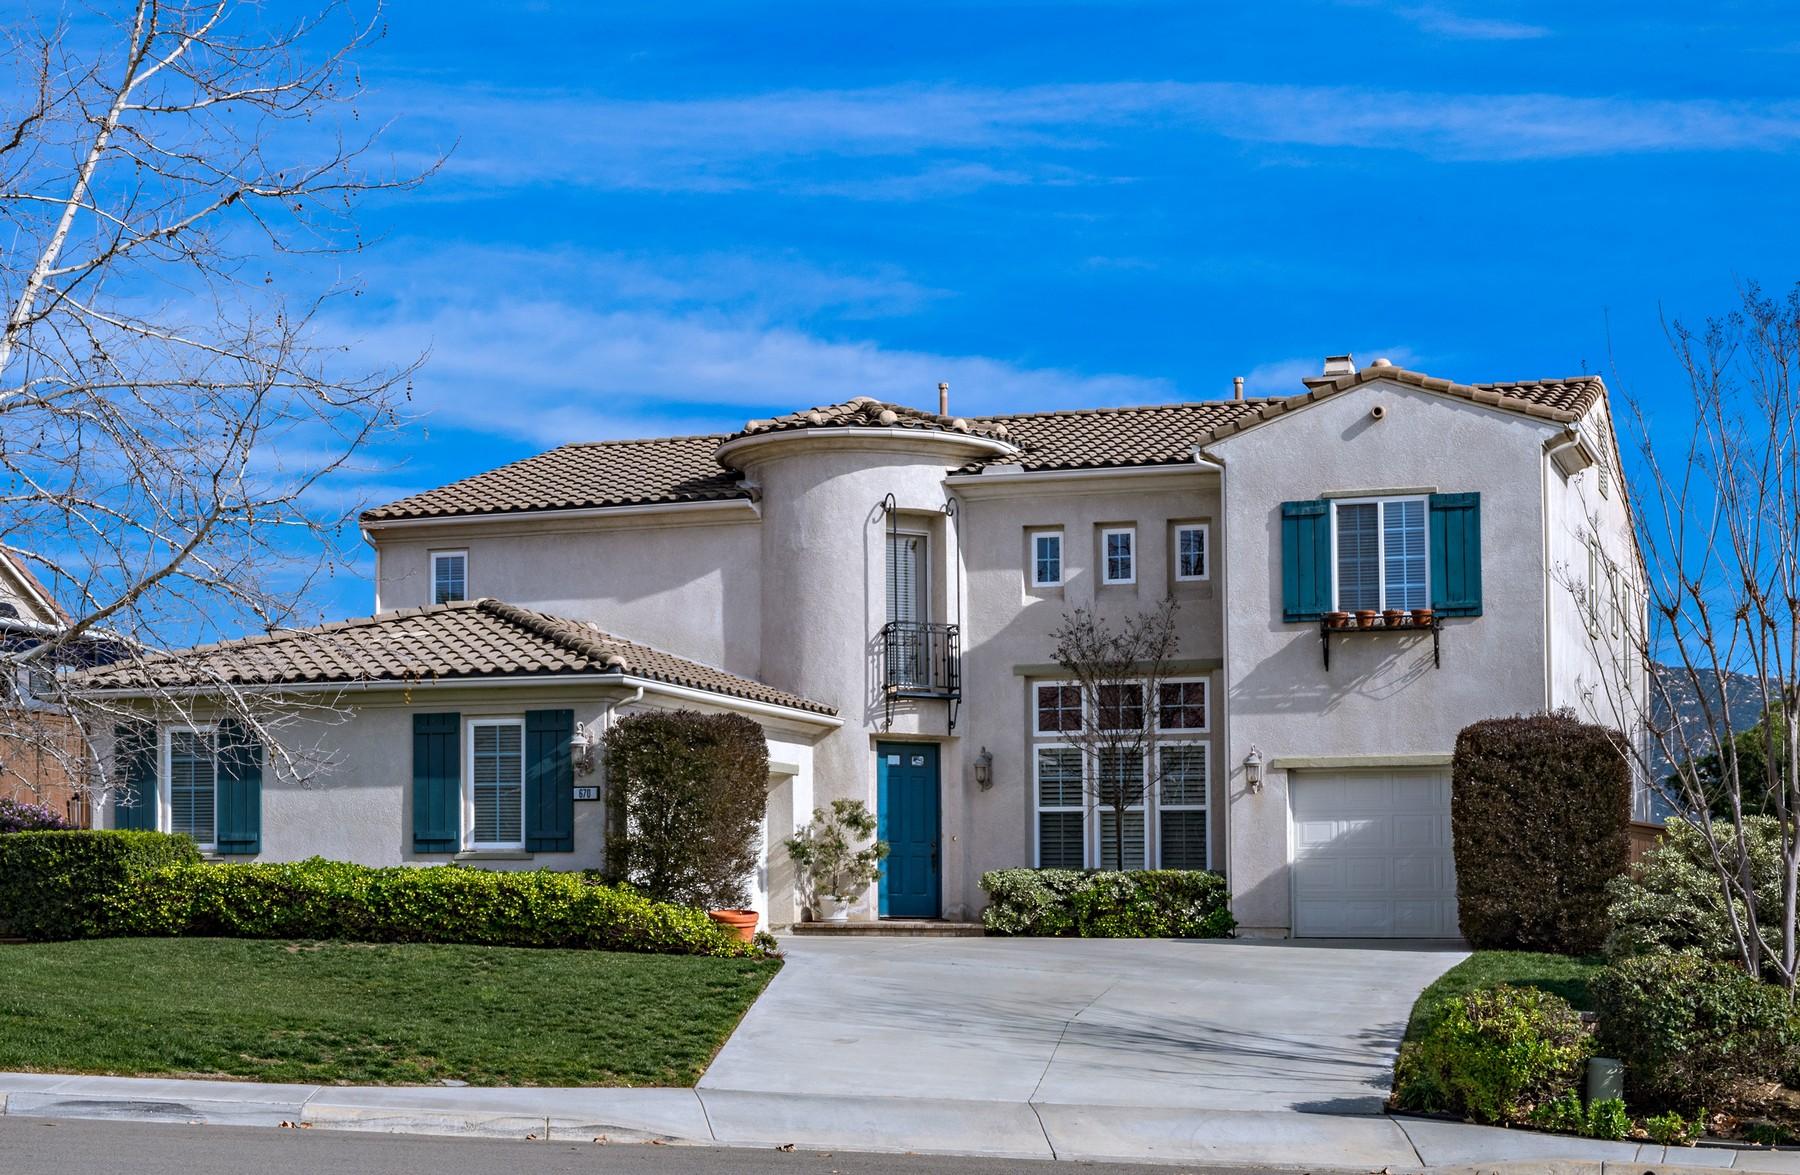 Maison unifamiliale pour l Vente à 670 South Hidden Trails Road Escondido, Californie, 92027 États-Unis